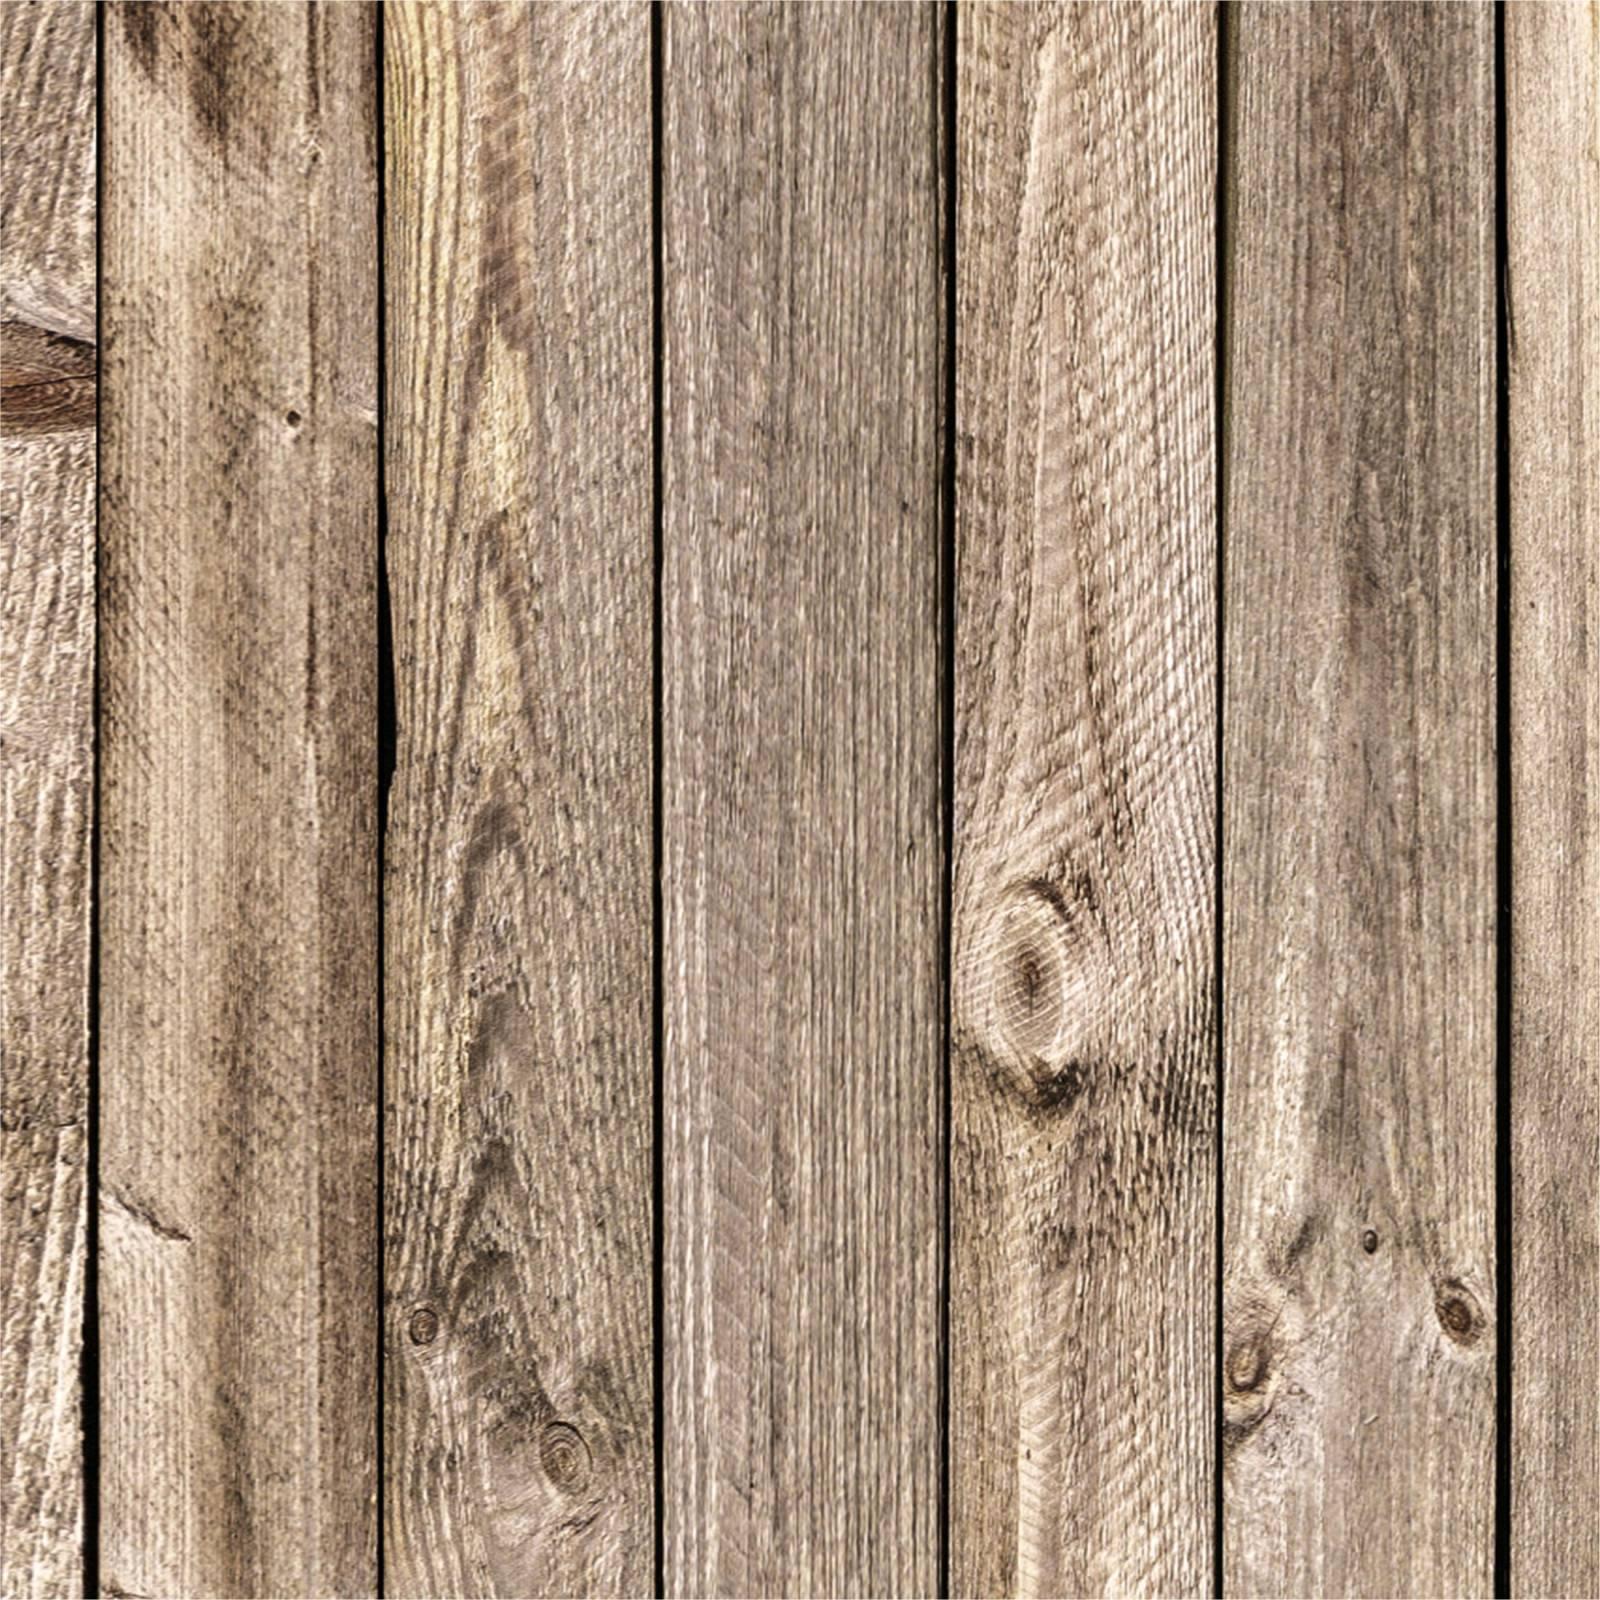 Papel de Parede Madeira Rustica | Adesivo Vinilico imagem 1